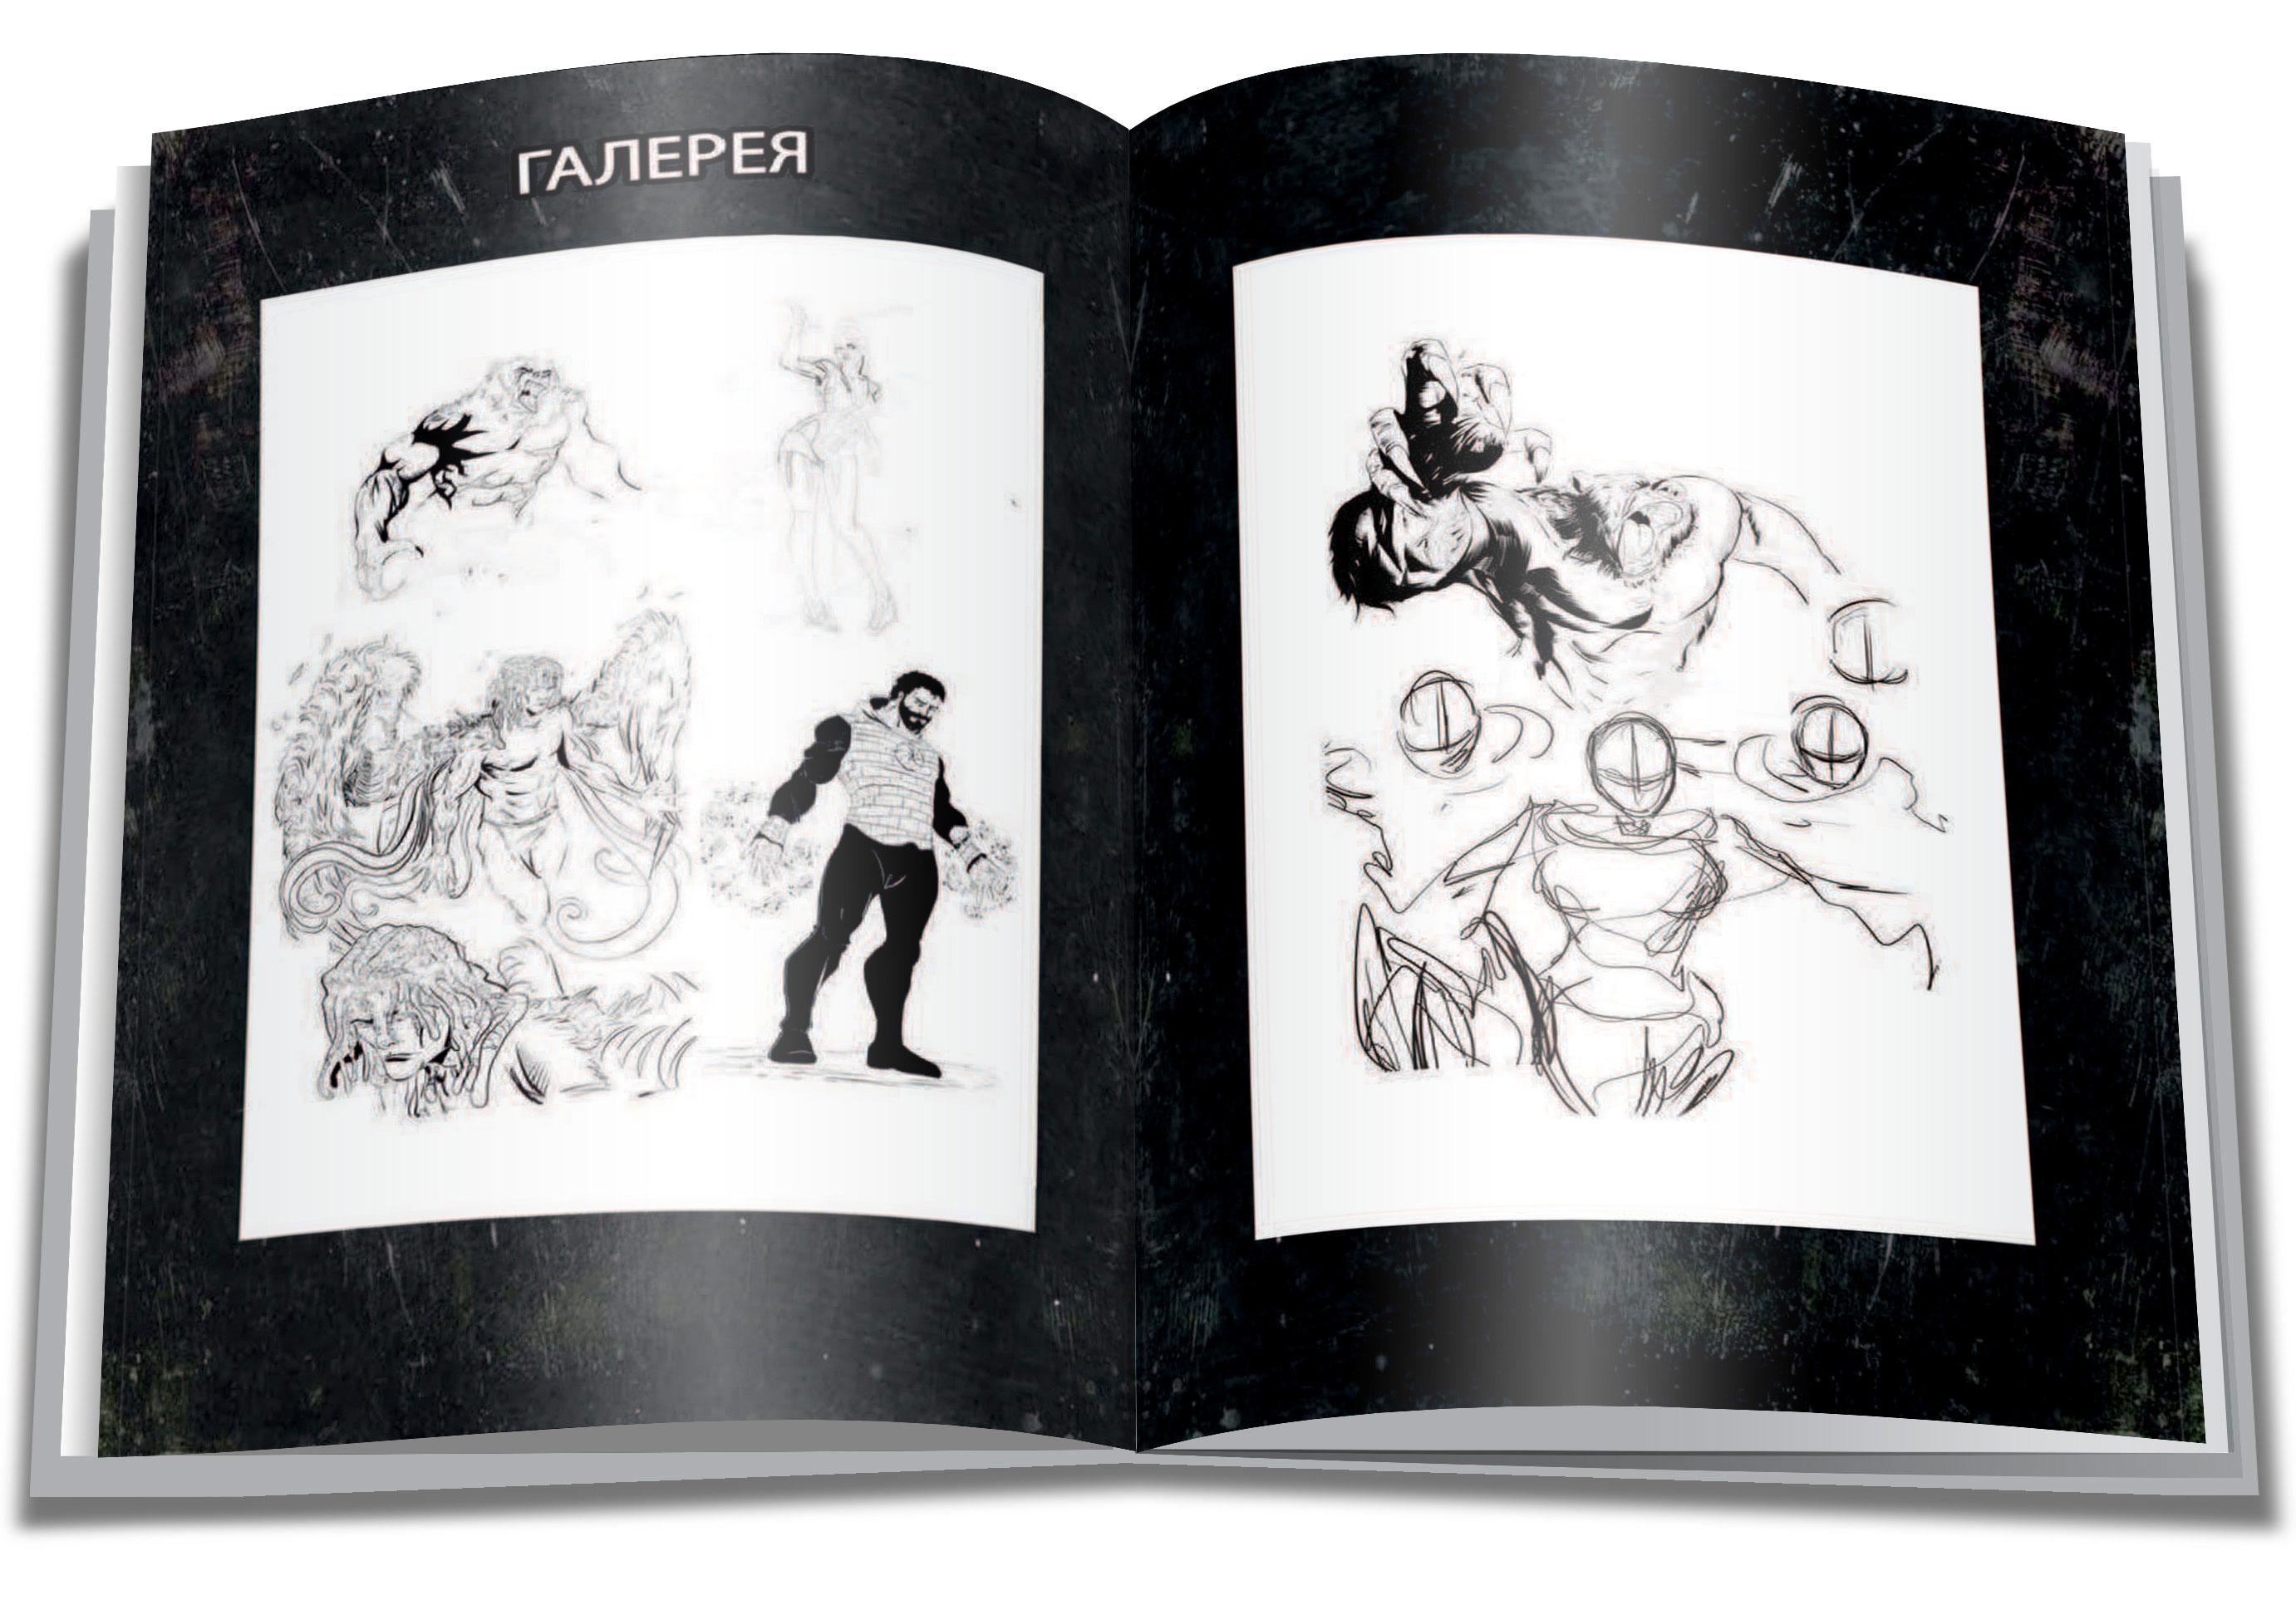 Защитники. Комикс новой легендарной вселенной Гарантировынный бестселлер! Комикс...